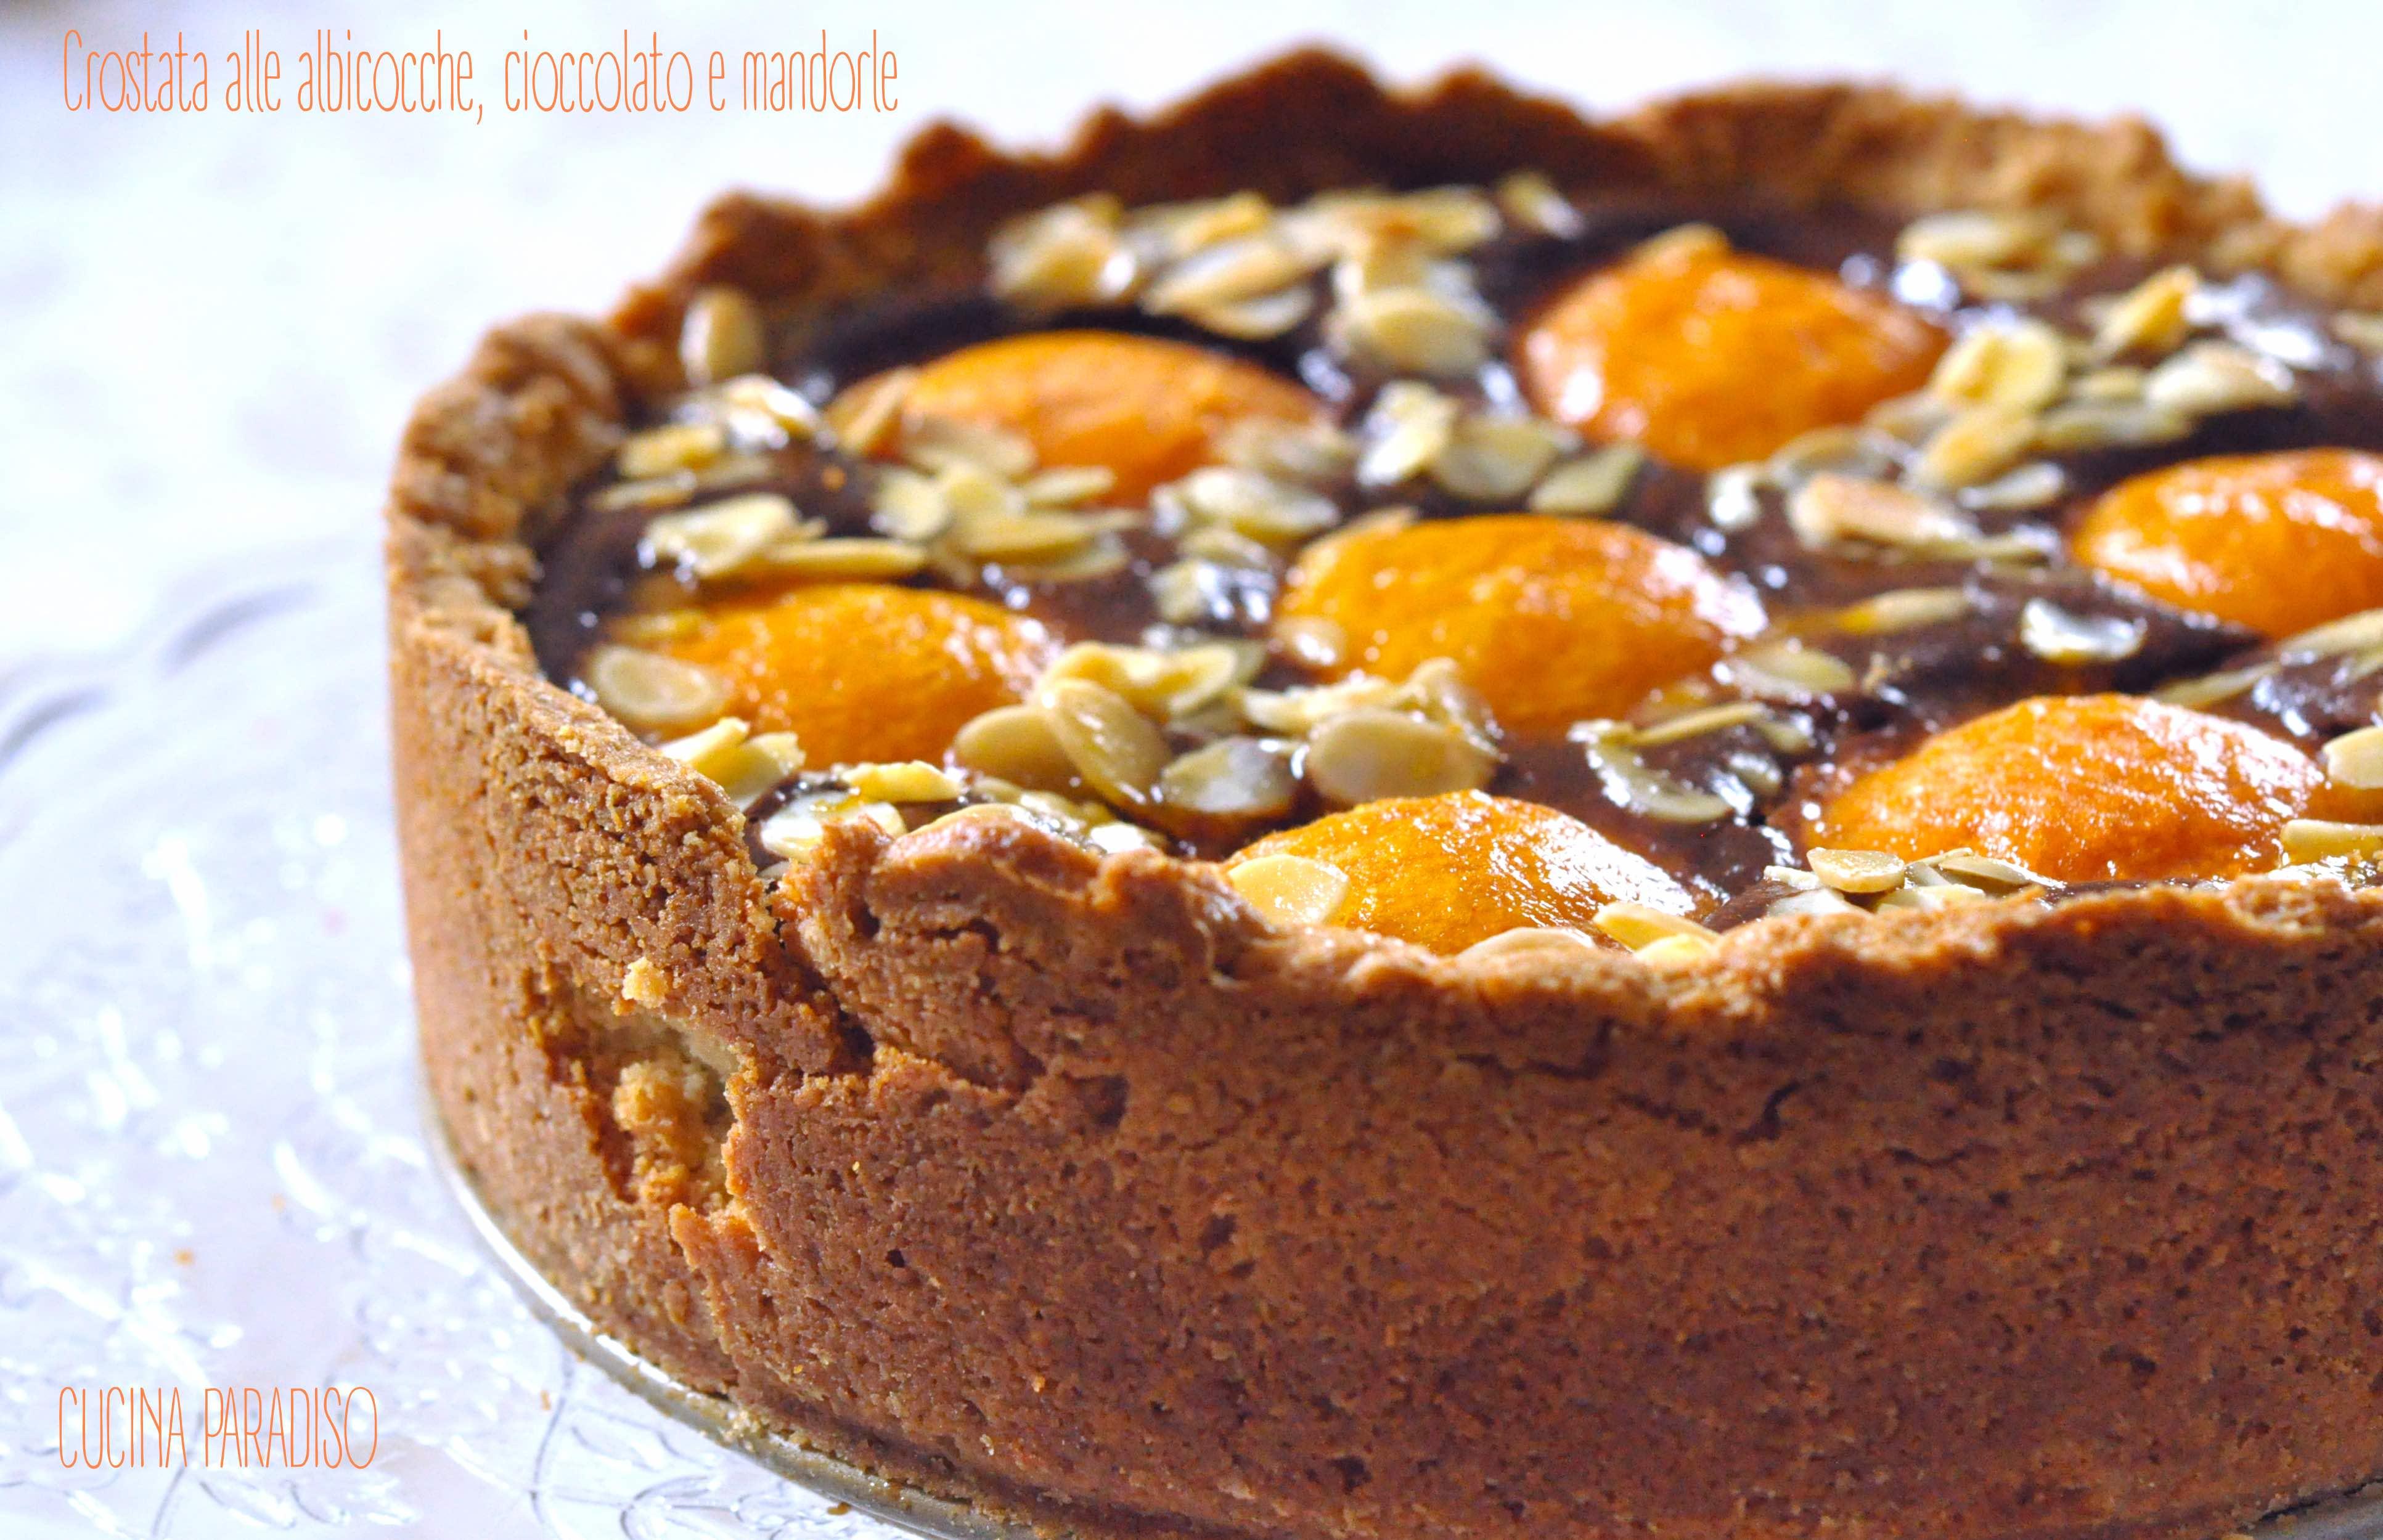 Crostata alle albicocche, cioccolato e mandorle2